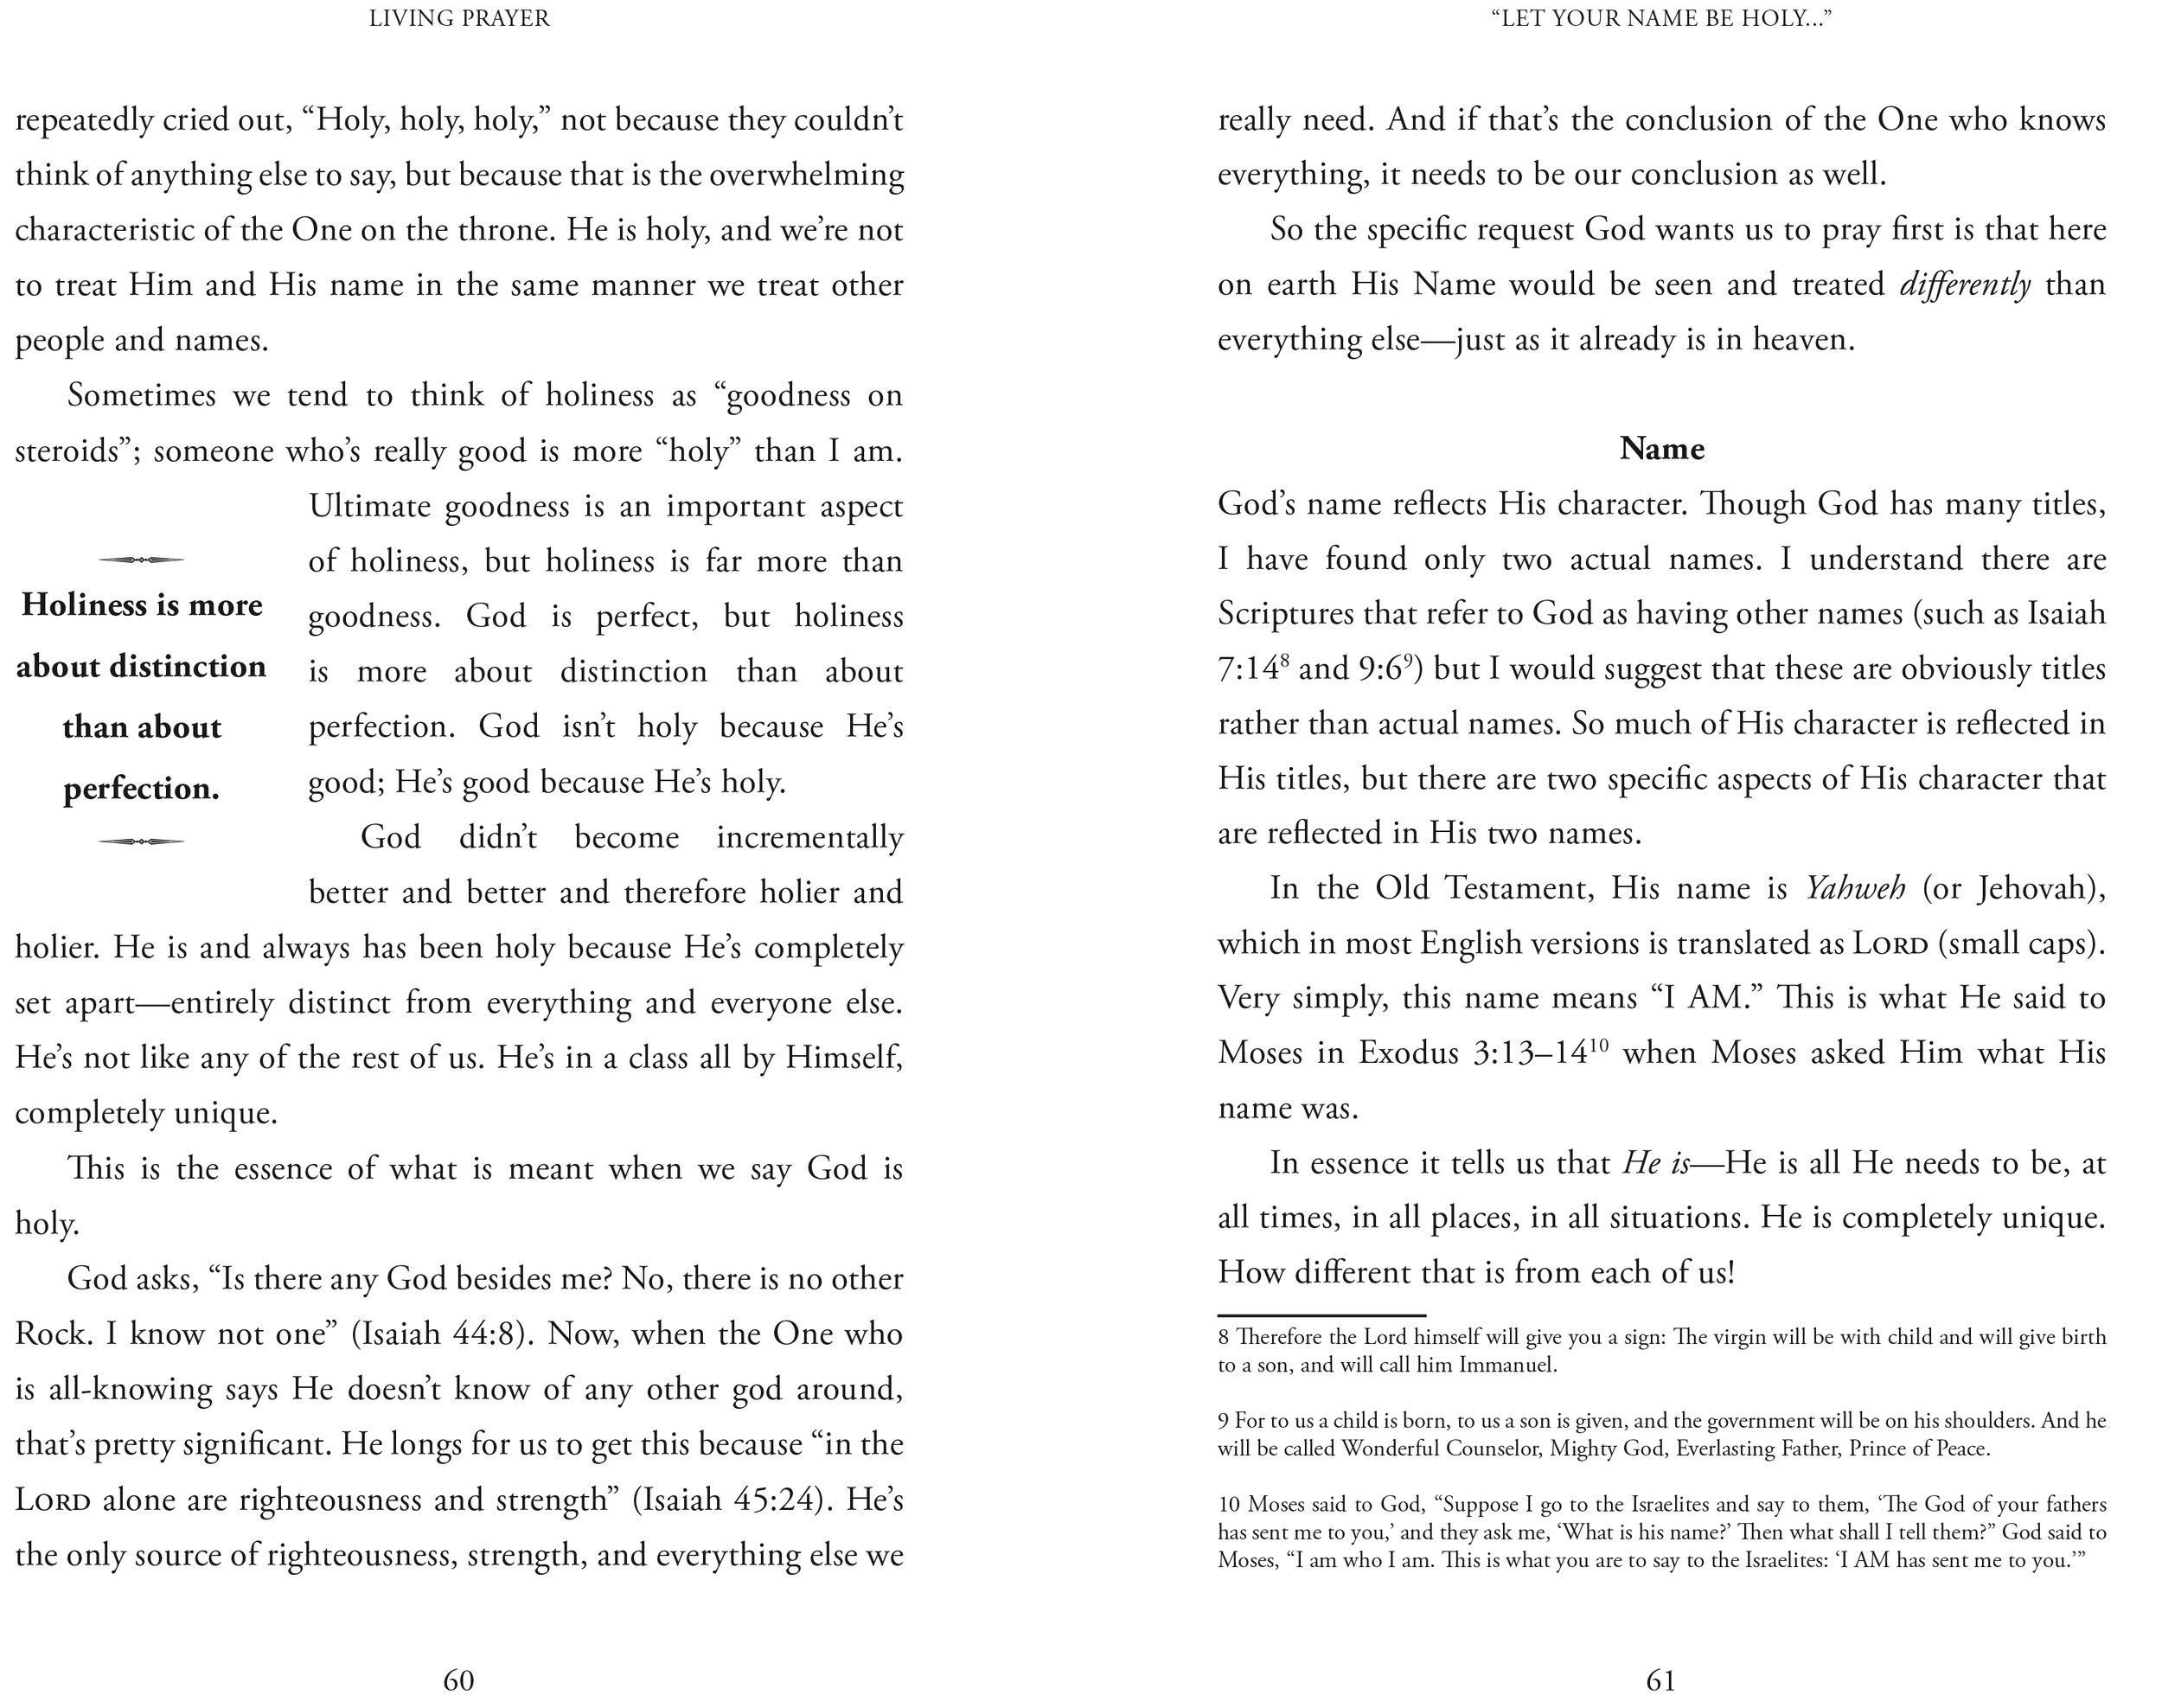 living prayer pg 22-23.pdf-31.jpg